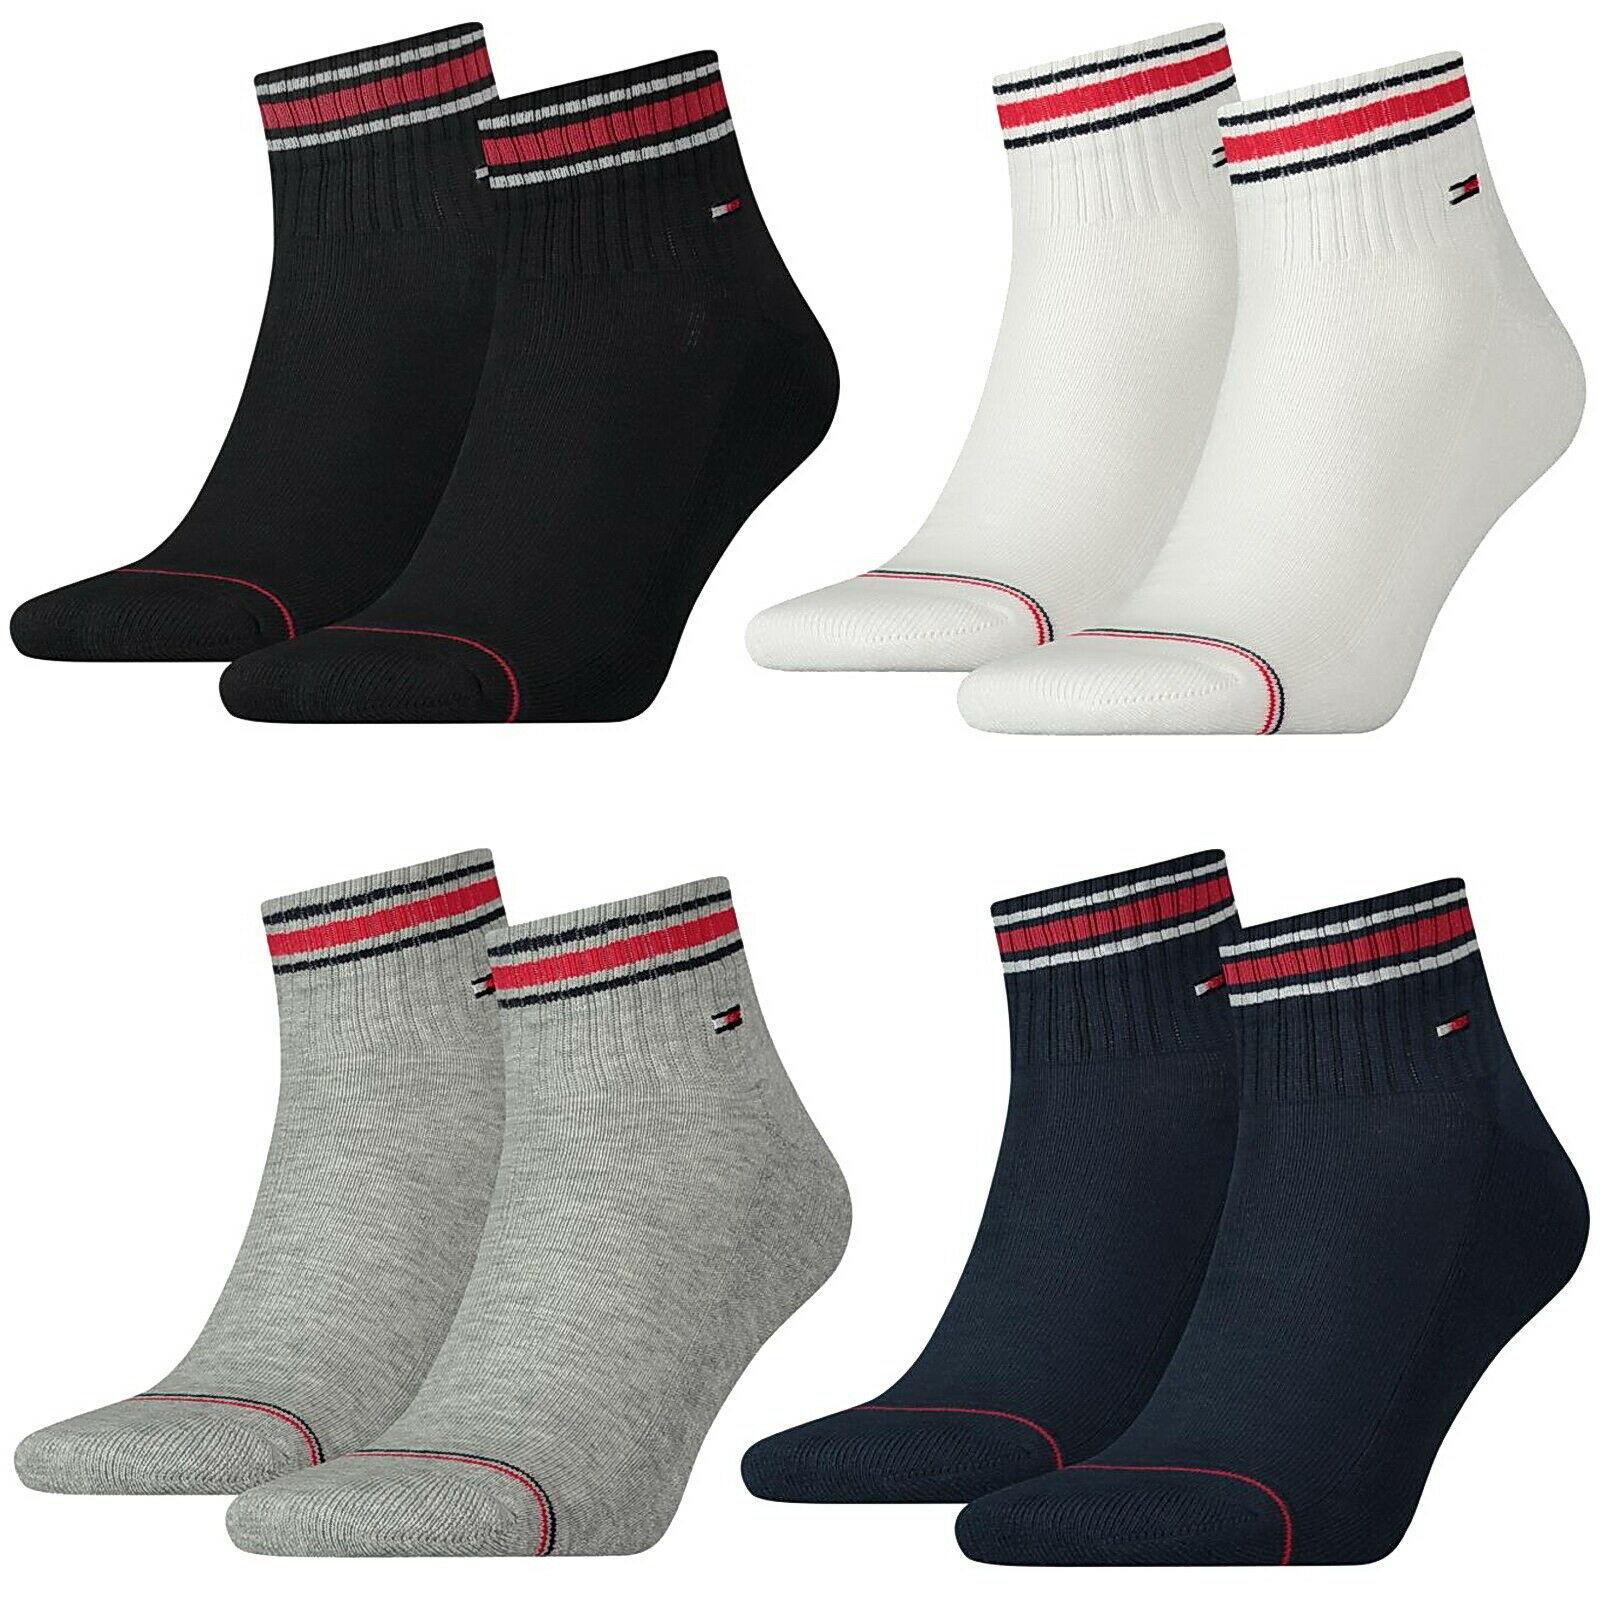 8er Pack Tommy Hilfiger Iconic Socken Sneaker oder Quarter - unisex